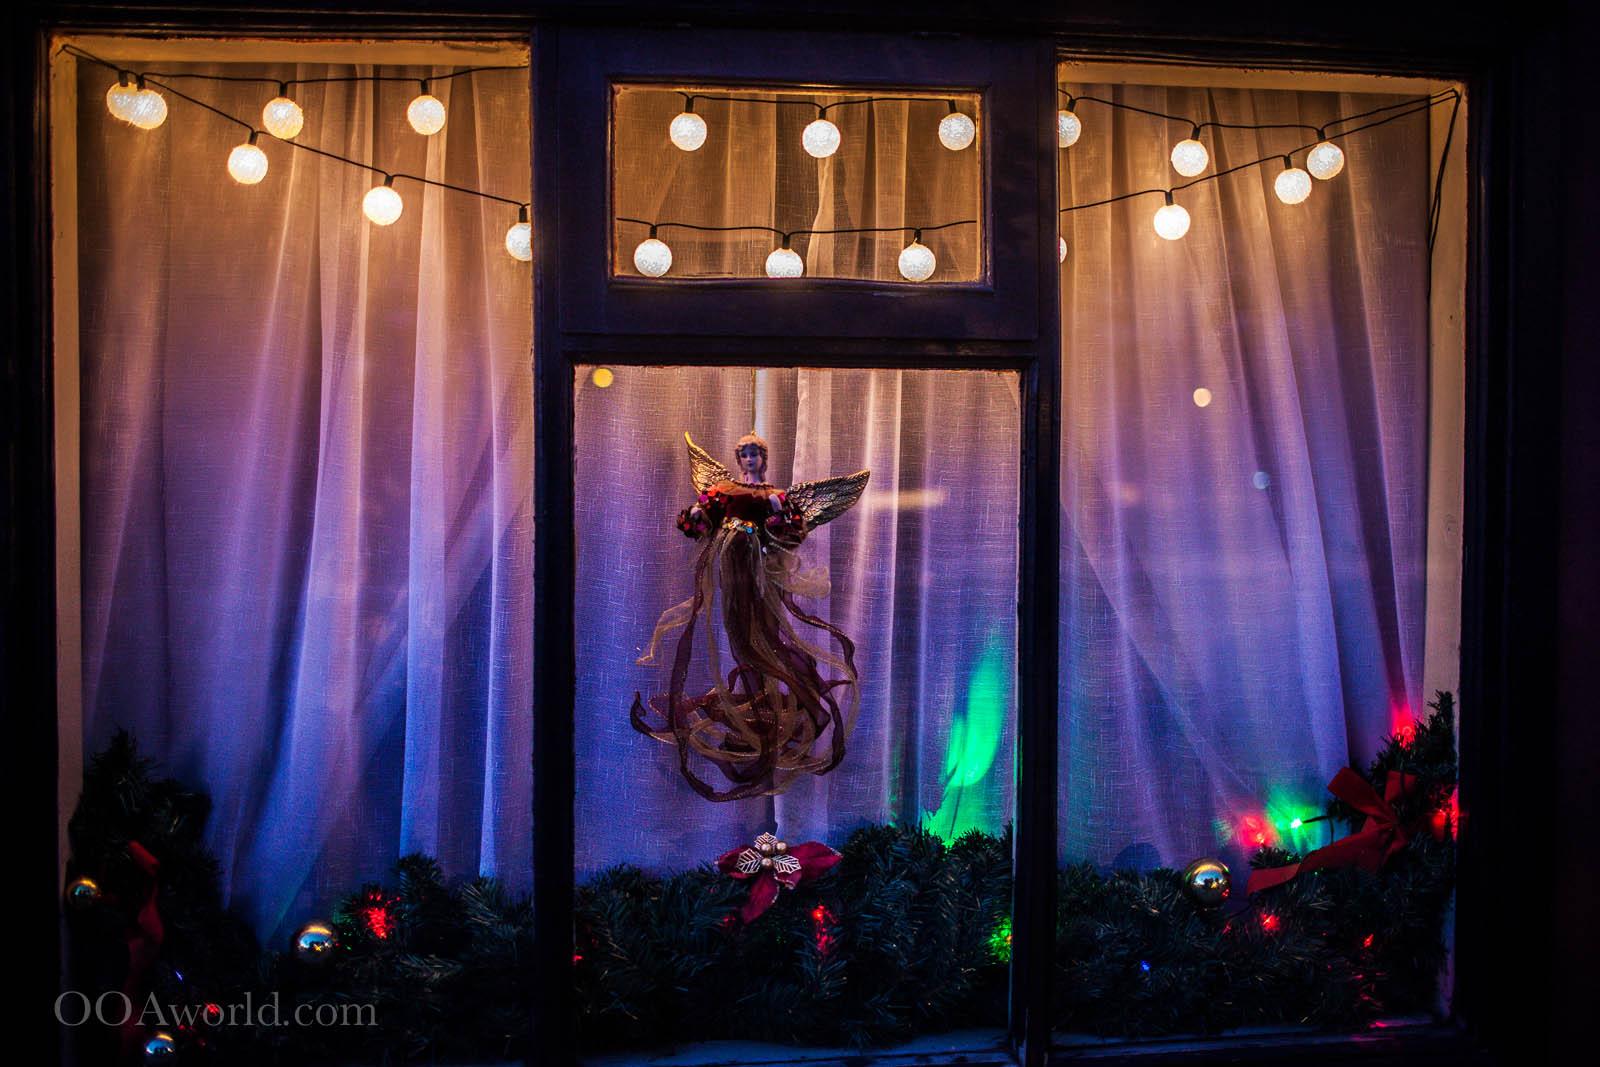 Puerto Natales Christmas Angel Photo Ooaworld